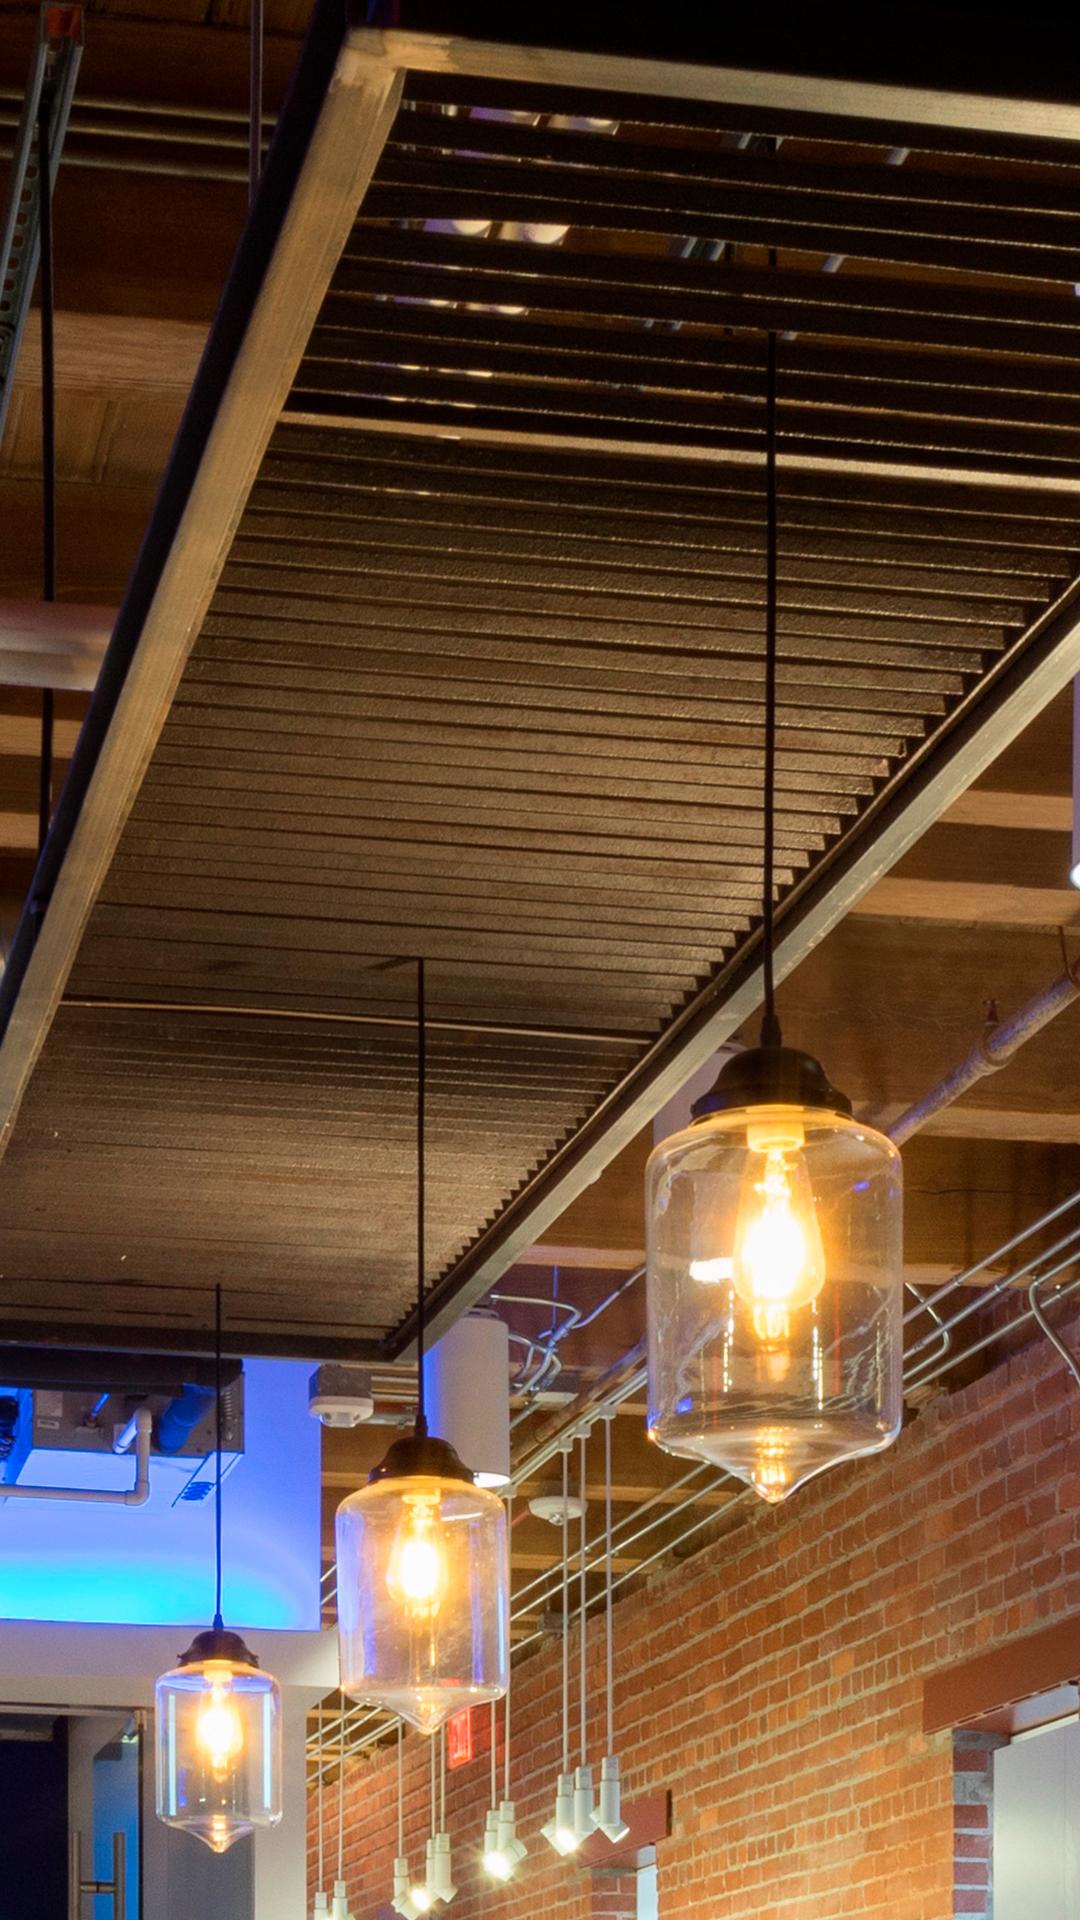 Panel Template_0004_JEDunn_Kitchen Light Grate.jpg